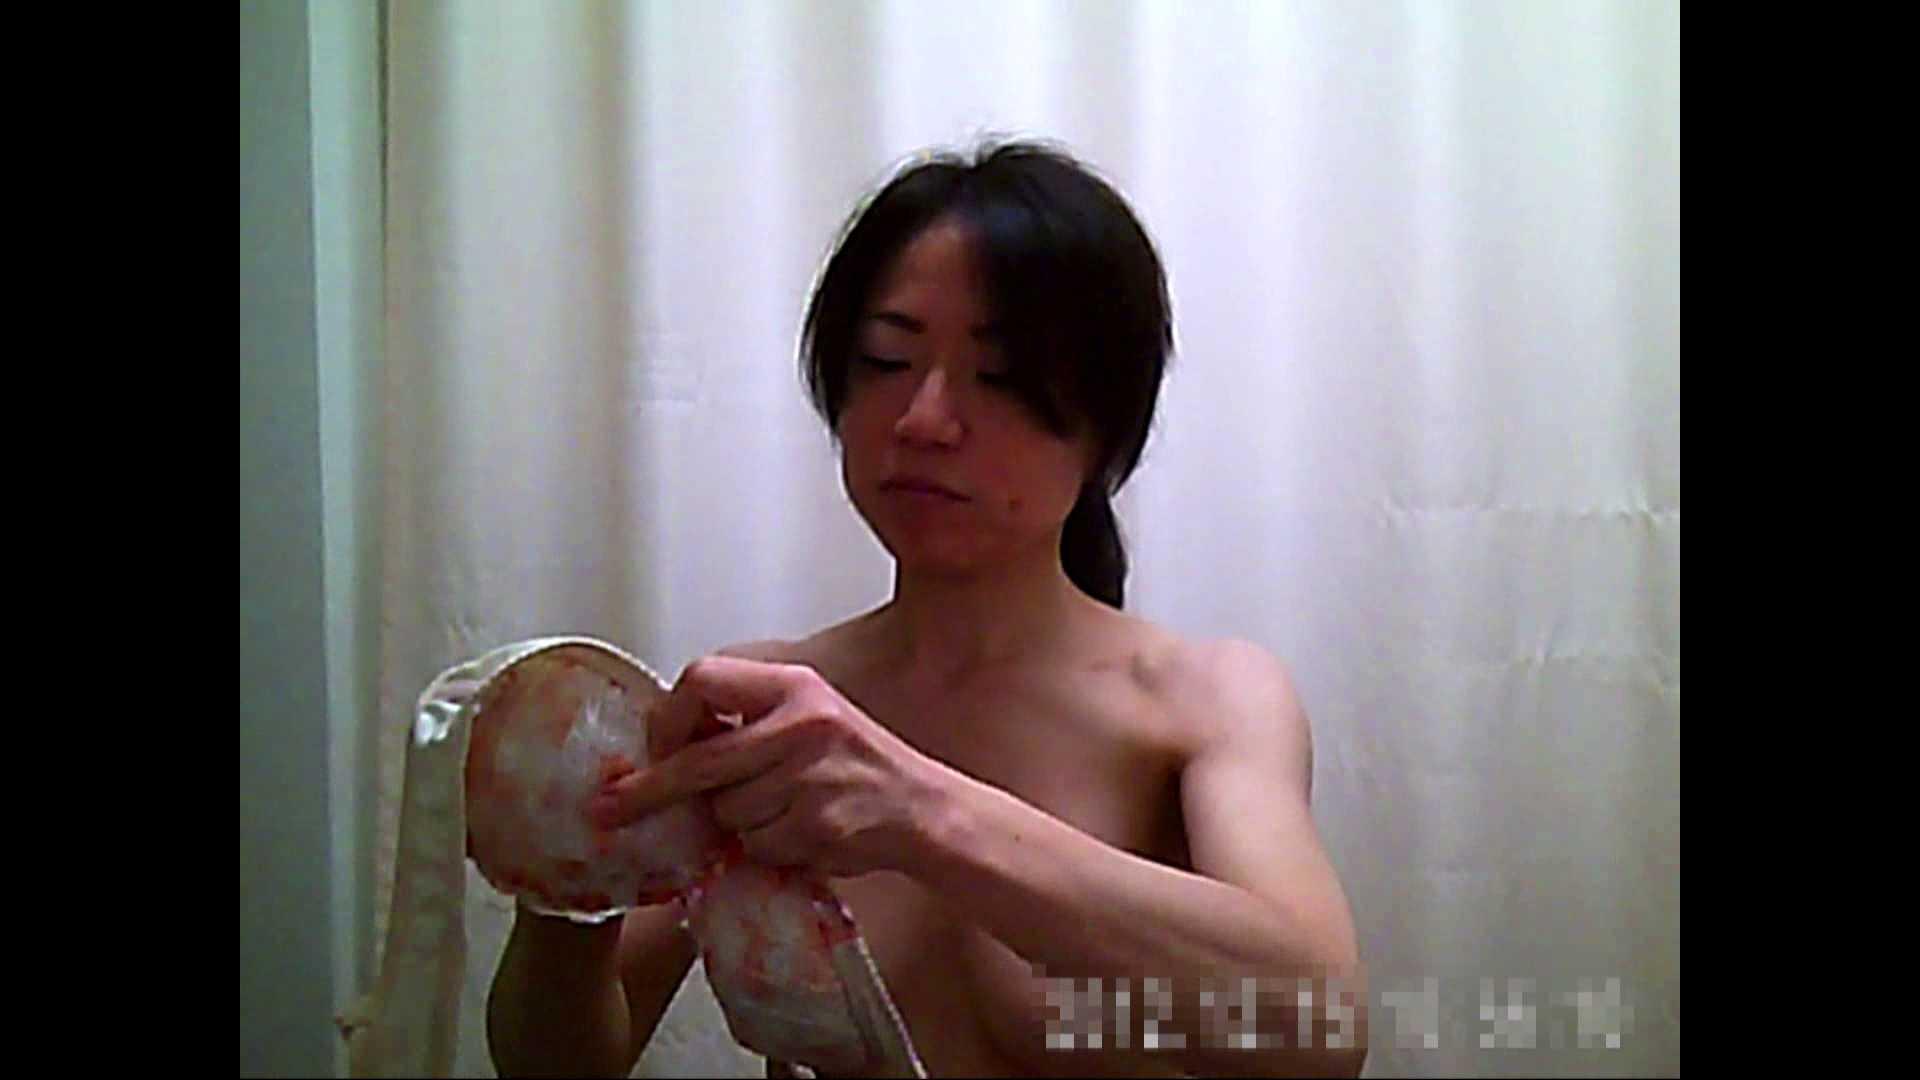 元医者による反抗 更衣室地獄絵巻 vol.117 色っぽいOL達  63pic 20